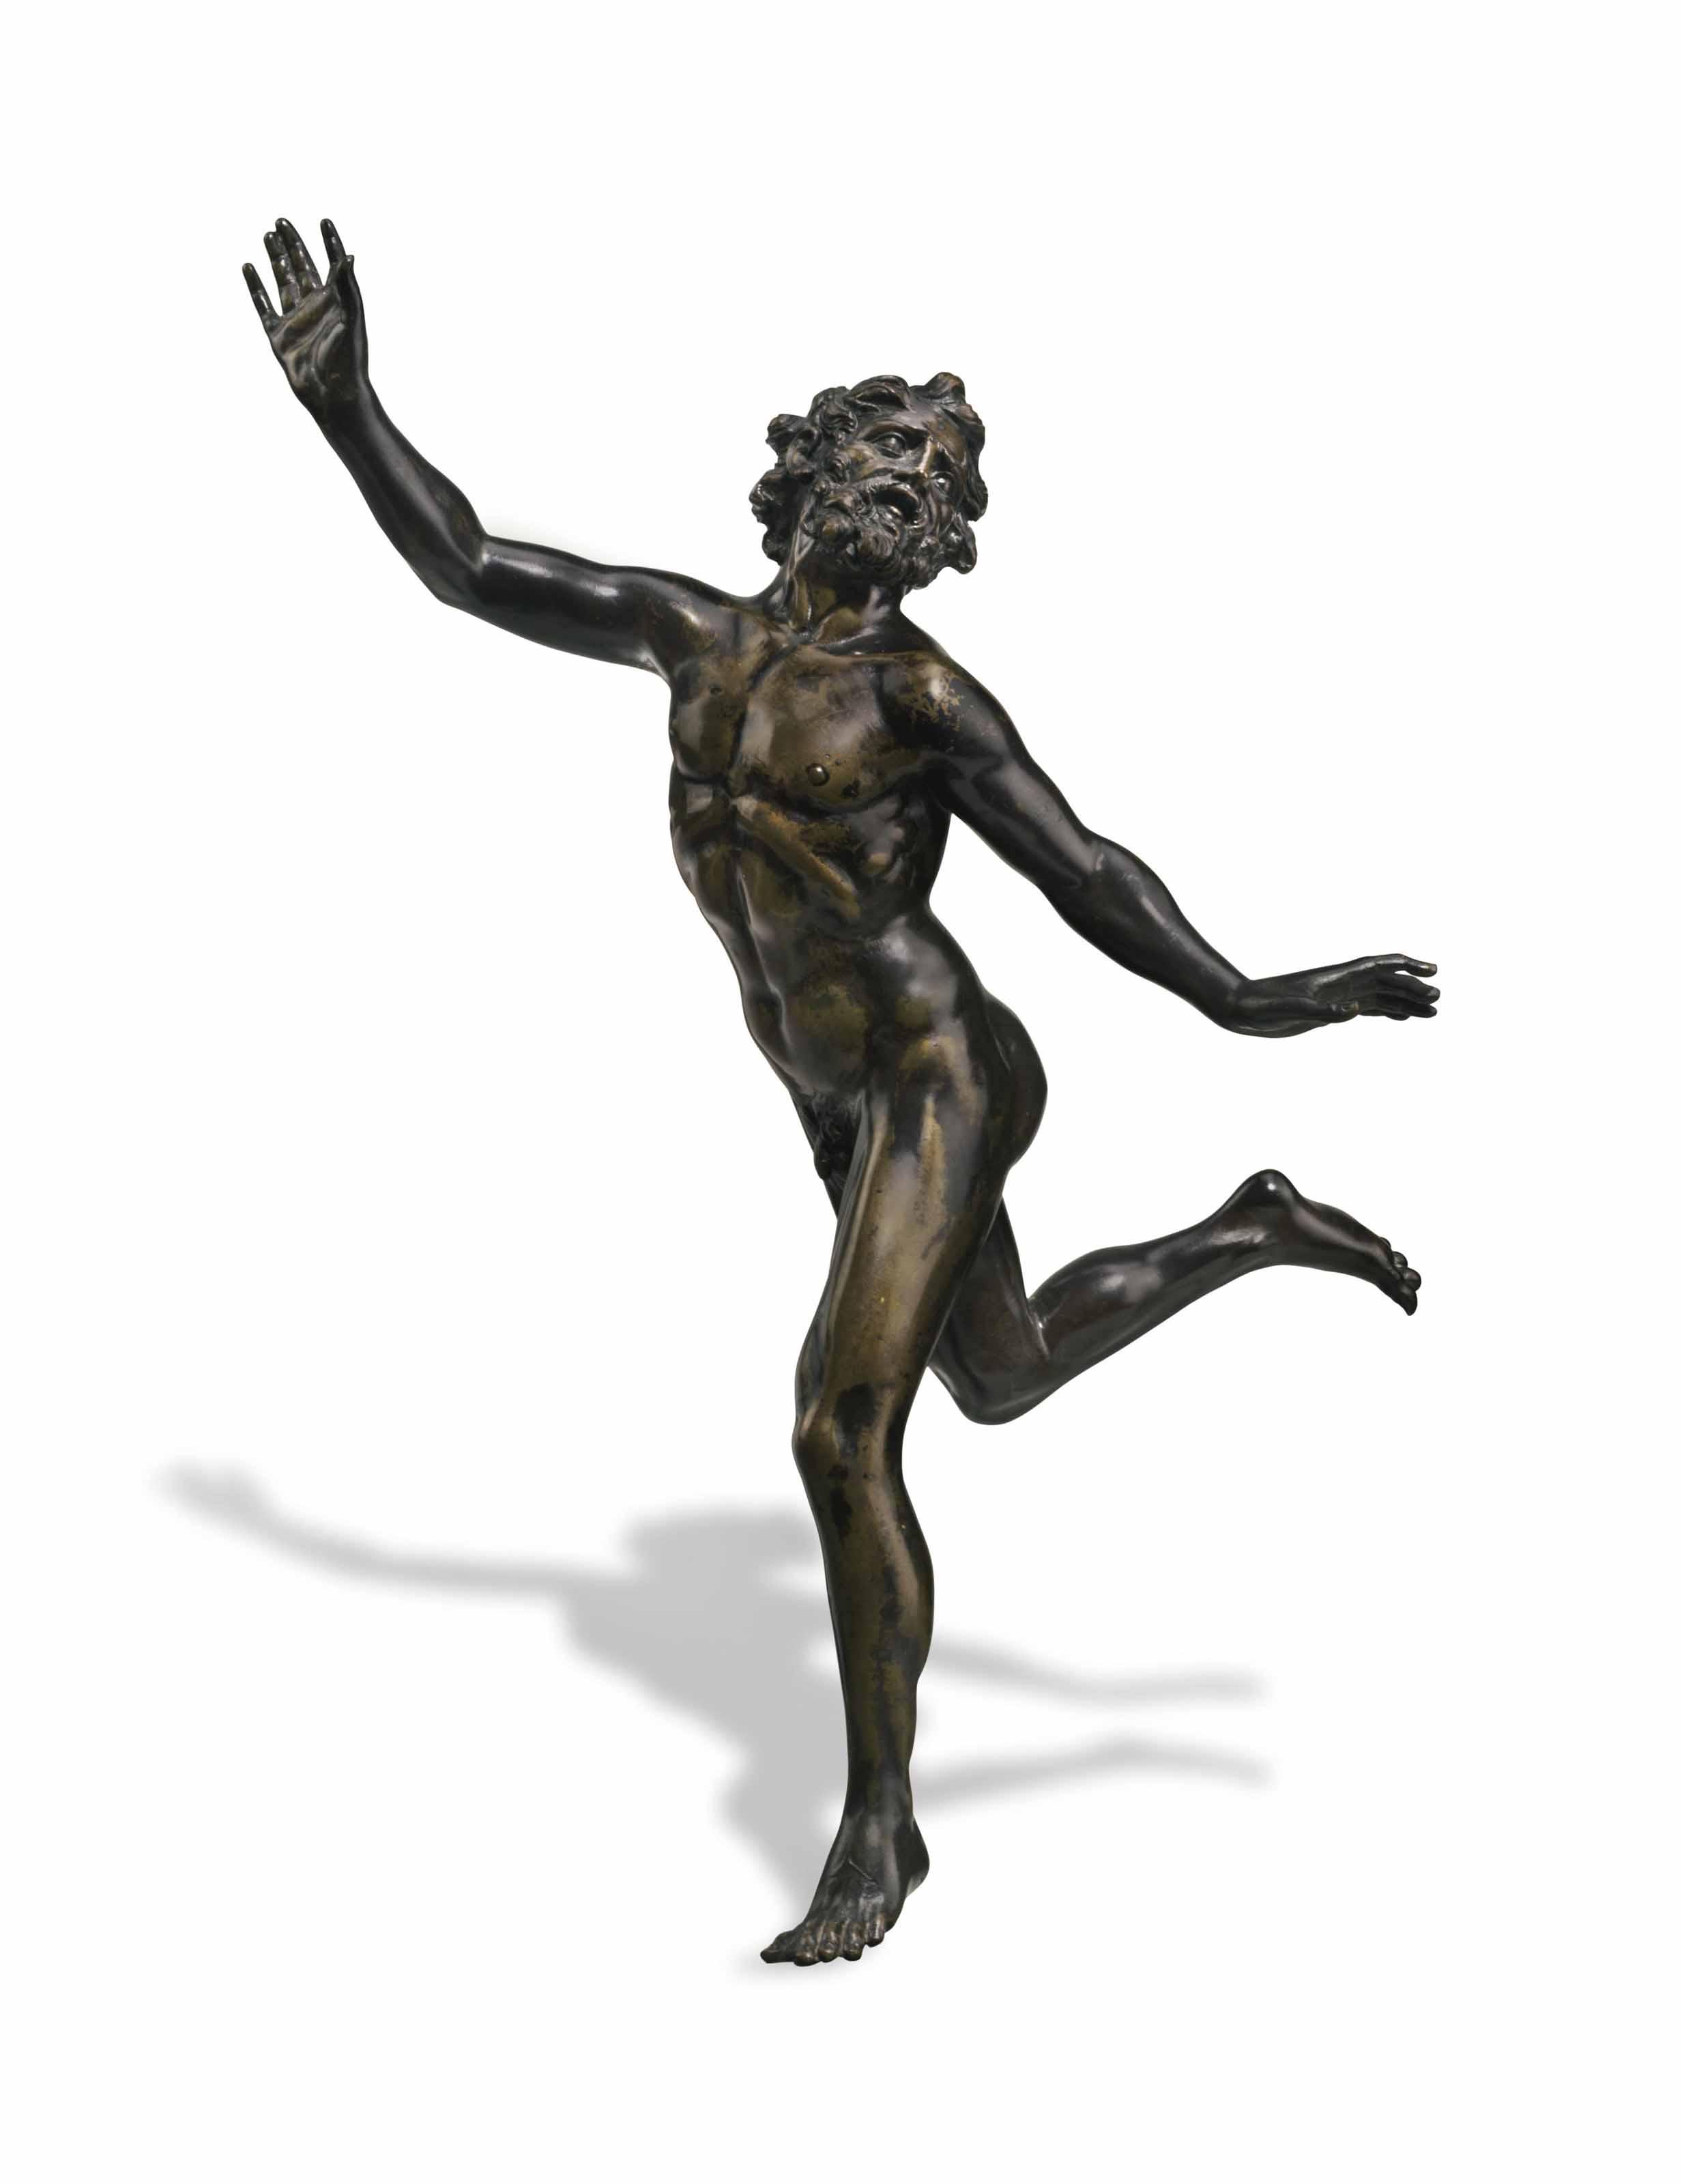 A BRONZE FIGURE OF A RUNNING MAN